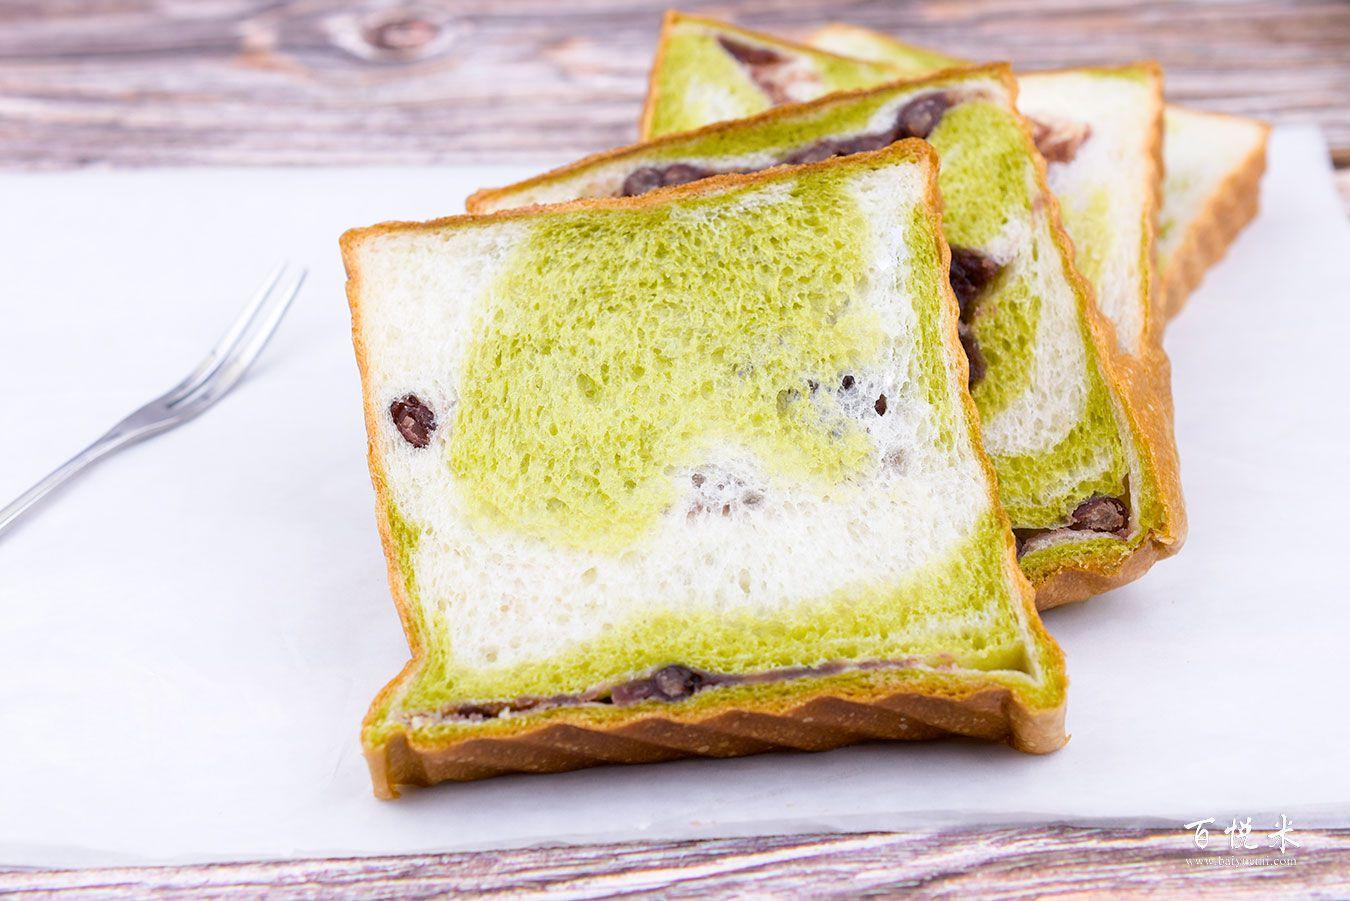 抹茶红豆吐司面包高清图片大全【蛋糕图片】_499